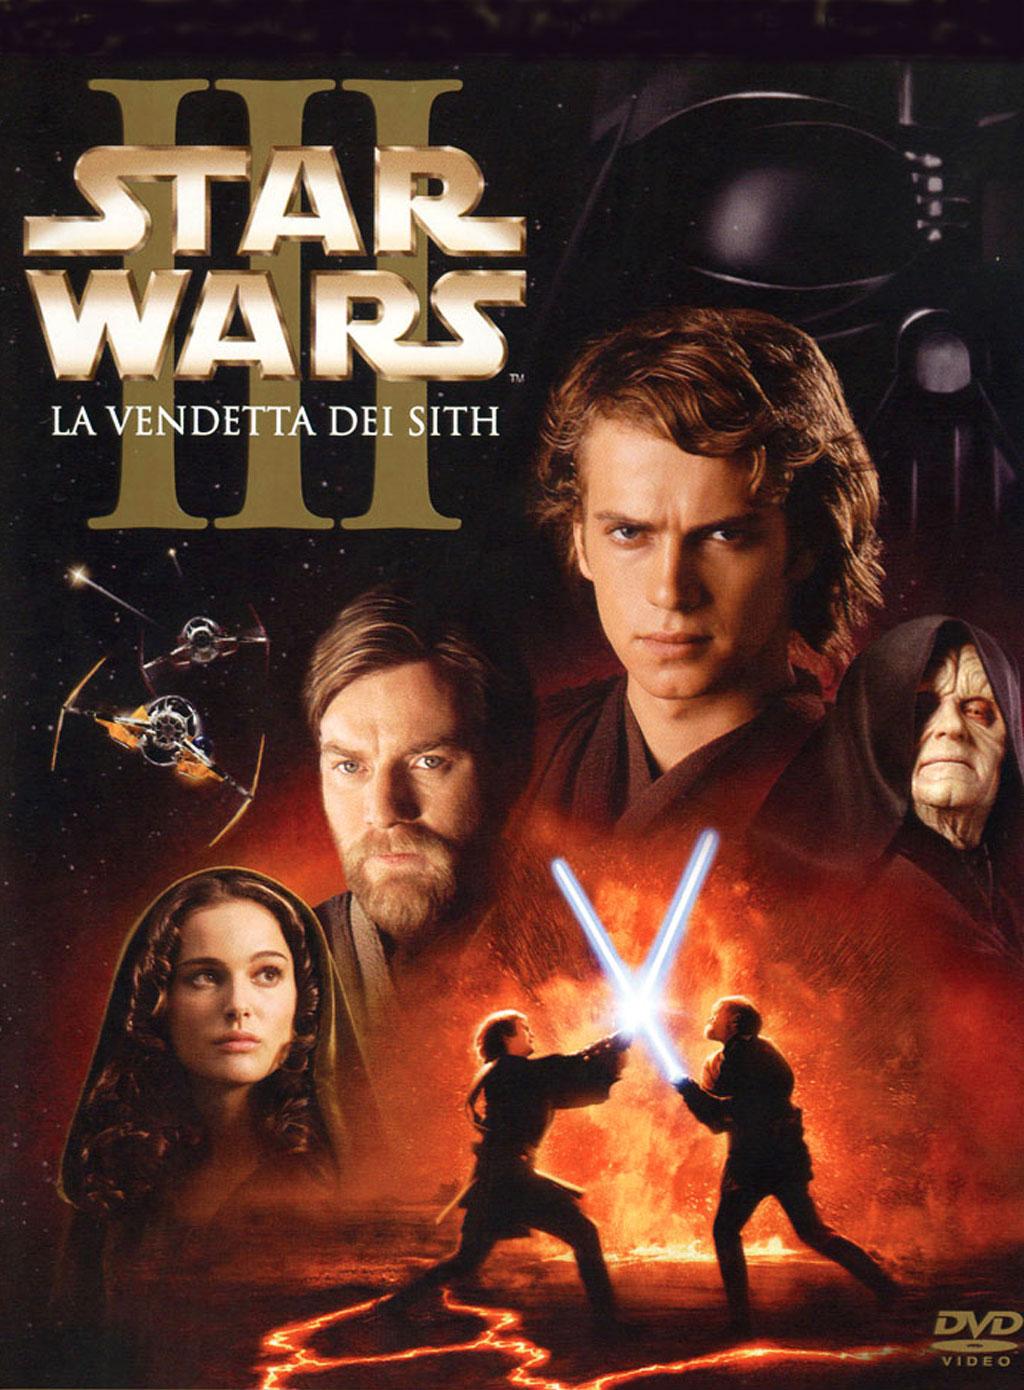 Episodio III - La vendetta dei Sith - Star Wars